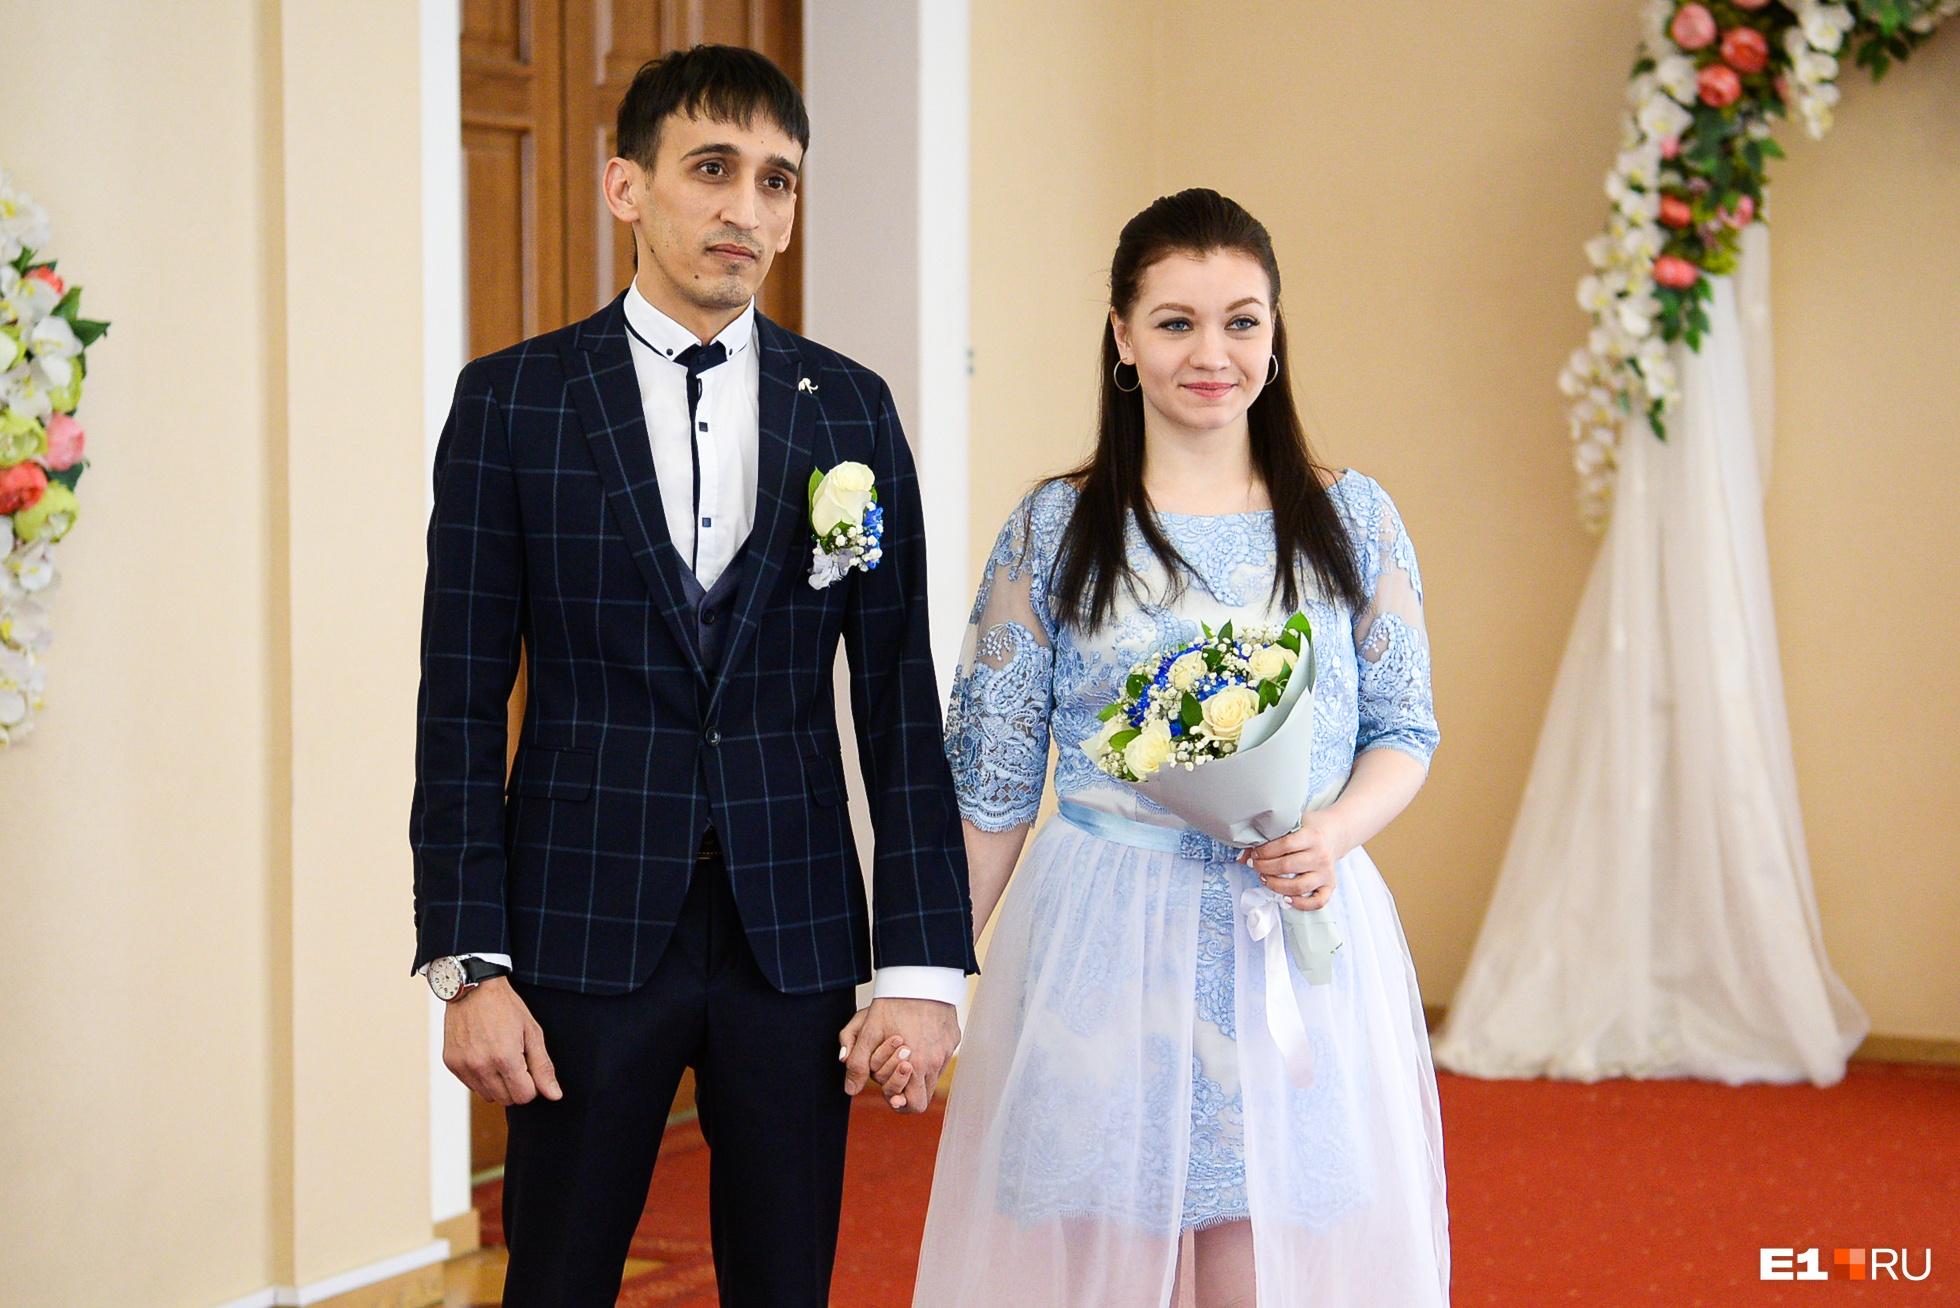 Анвар и Алёна свои отношения назвали «смесью ядерной бомбы с атомной»